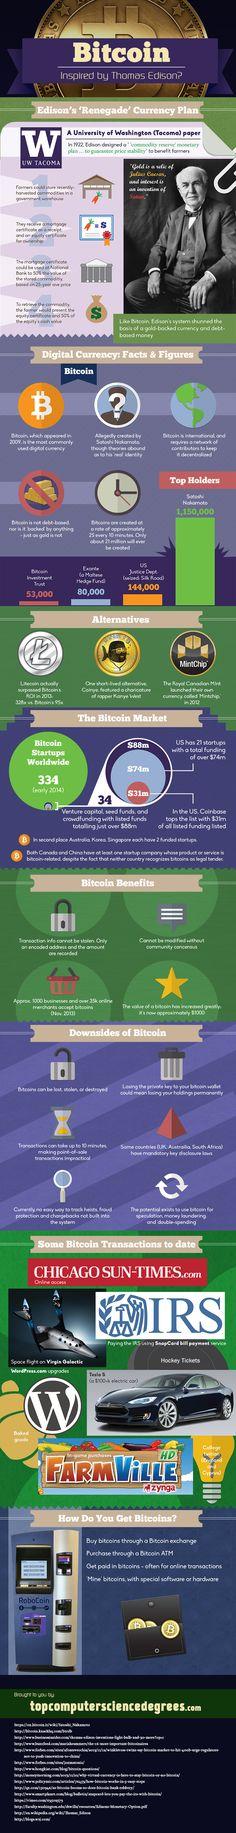 Bitcoin: Thomas Edison's Idea!